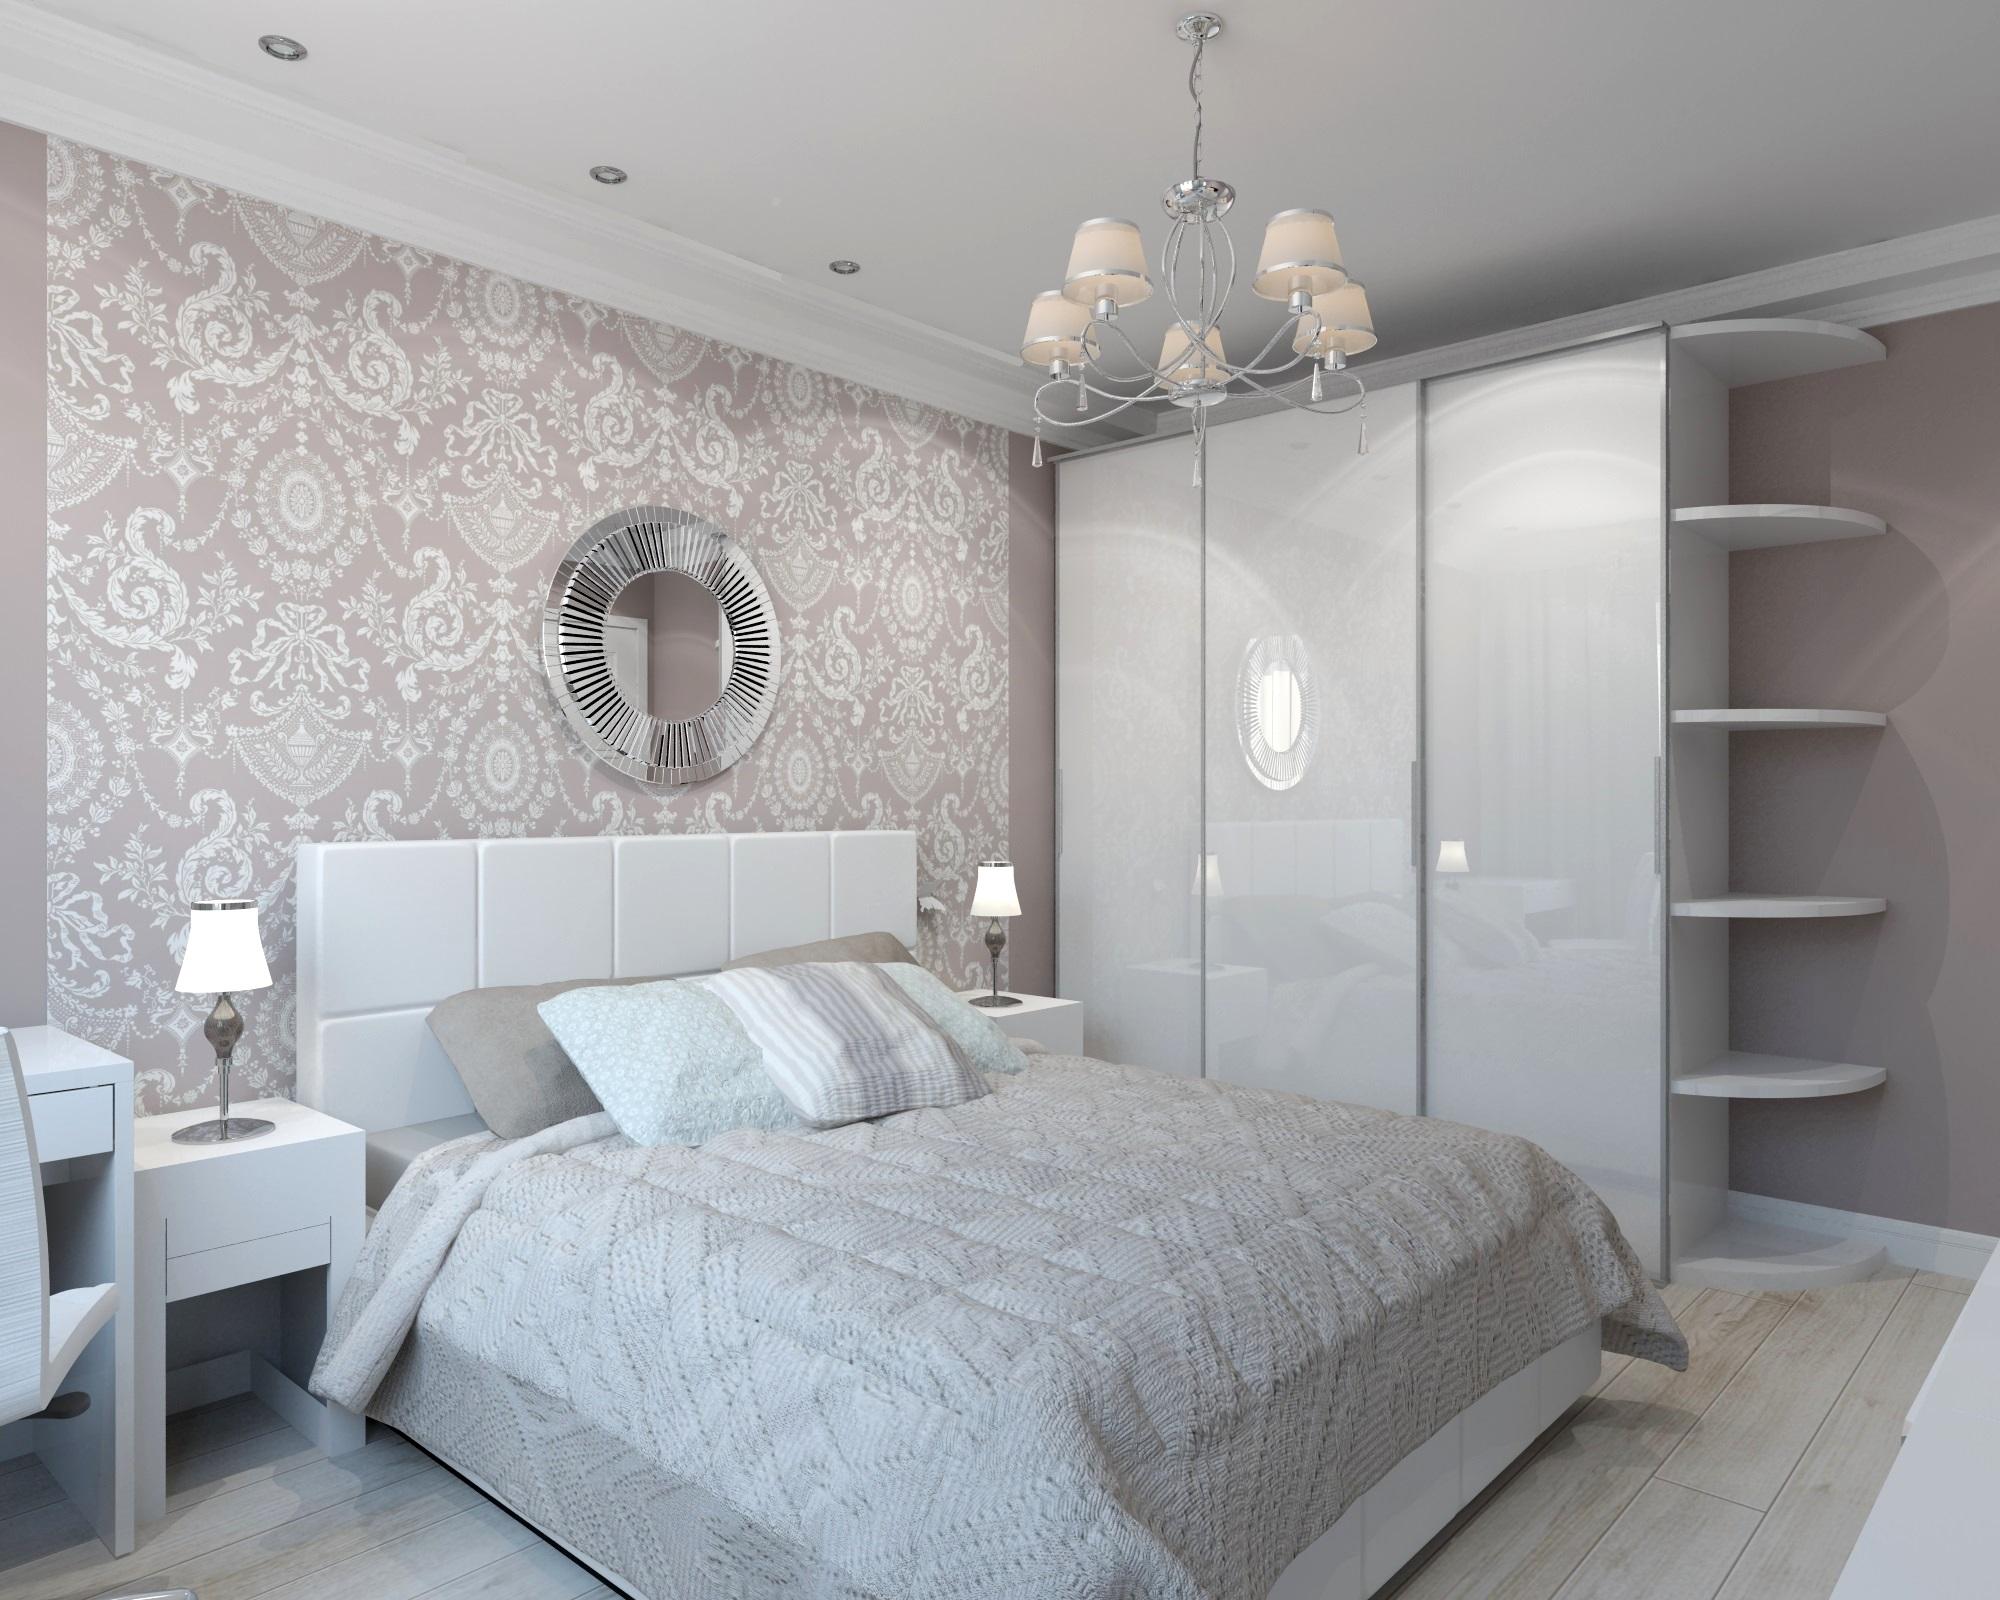 Дизайн интерьер гостиной комнаты 17 кв. М. Идеи ремонта зала 17 кв. Метров. 17 кв. М. Для гостиной комнаты – вполне достаточно, для создания интересного интерьера. Примеры как можно оформить комнату 17 кв. М в квартире или доме.